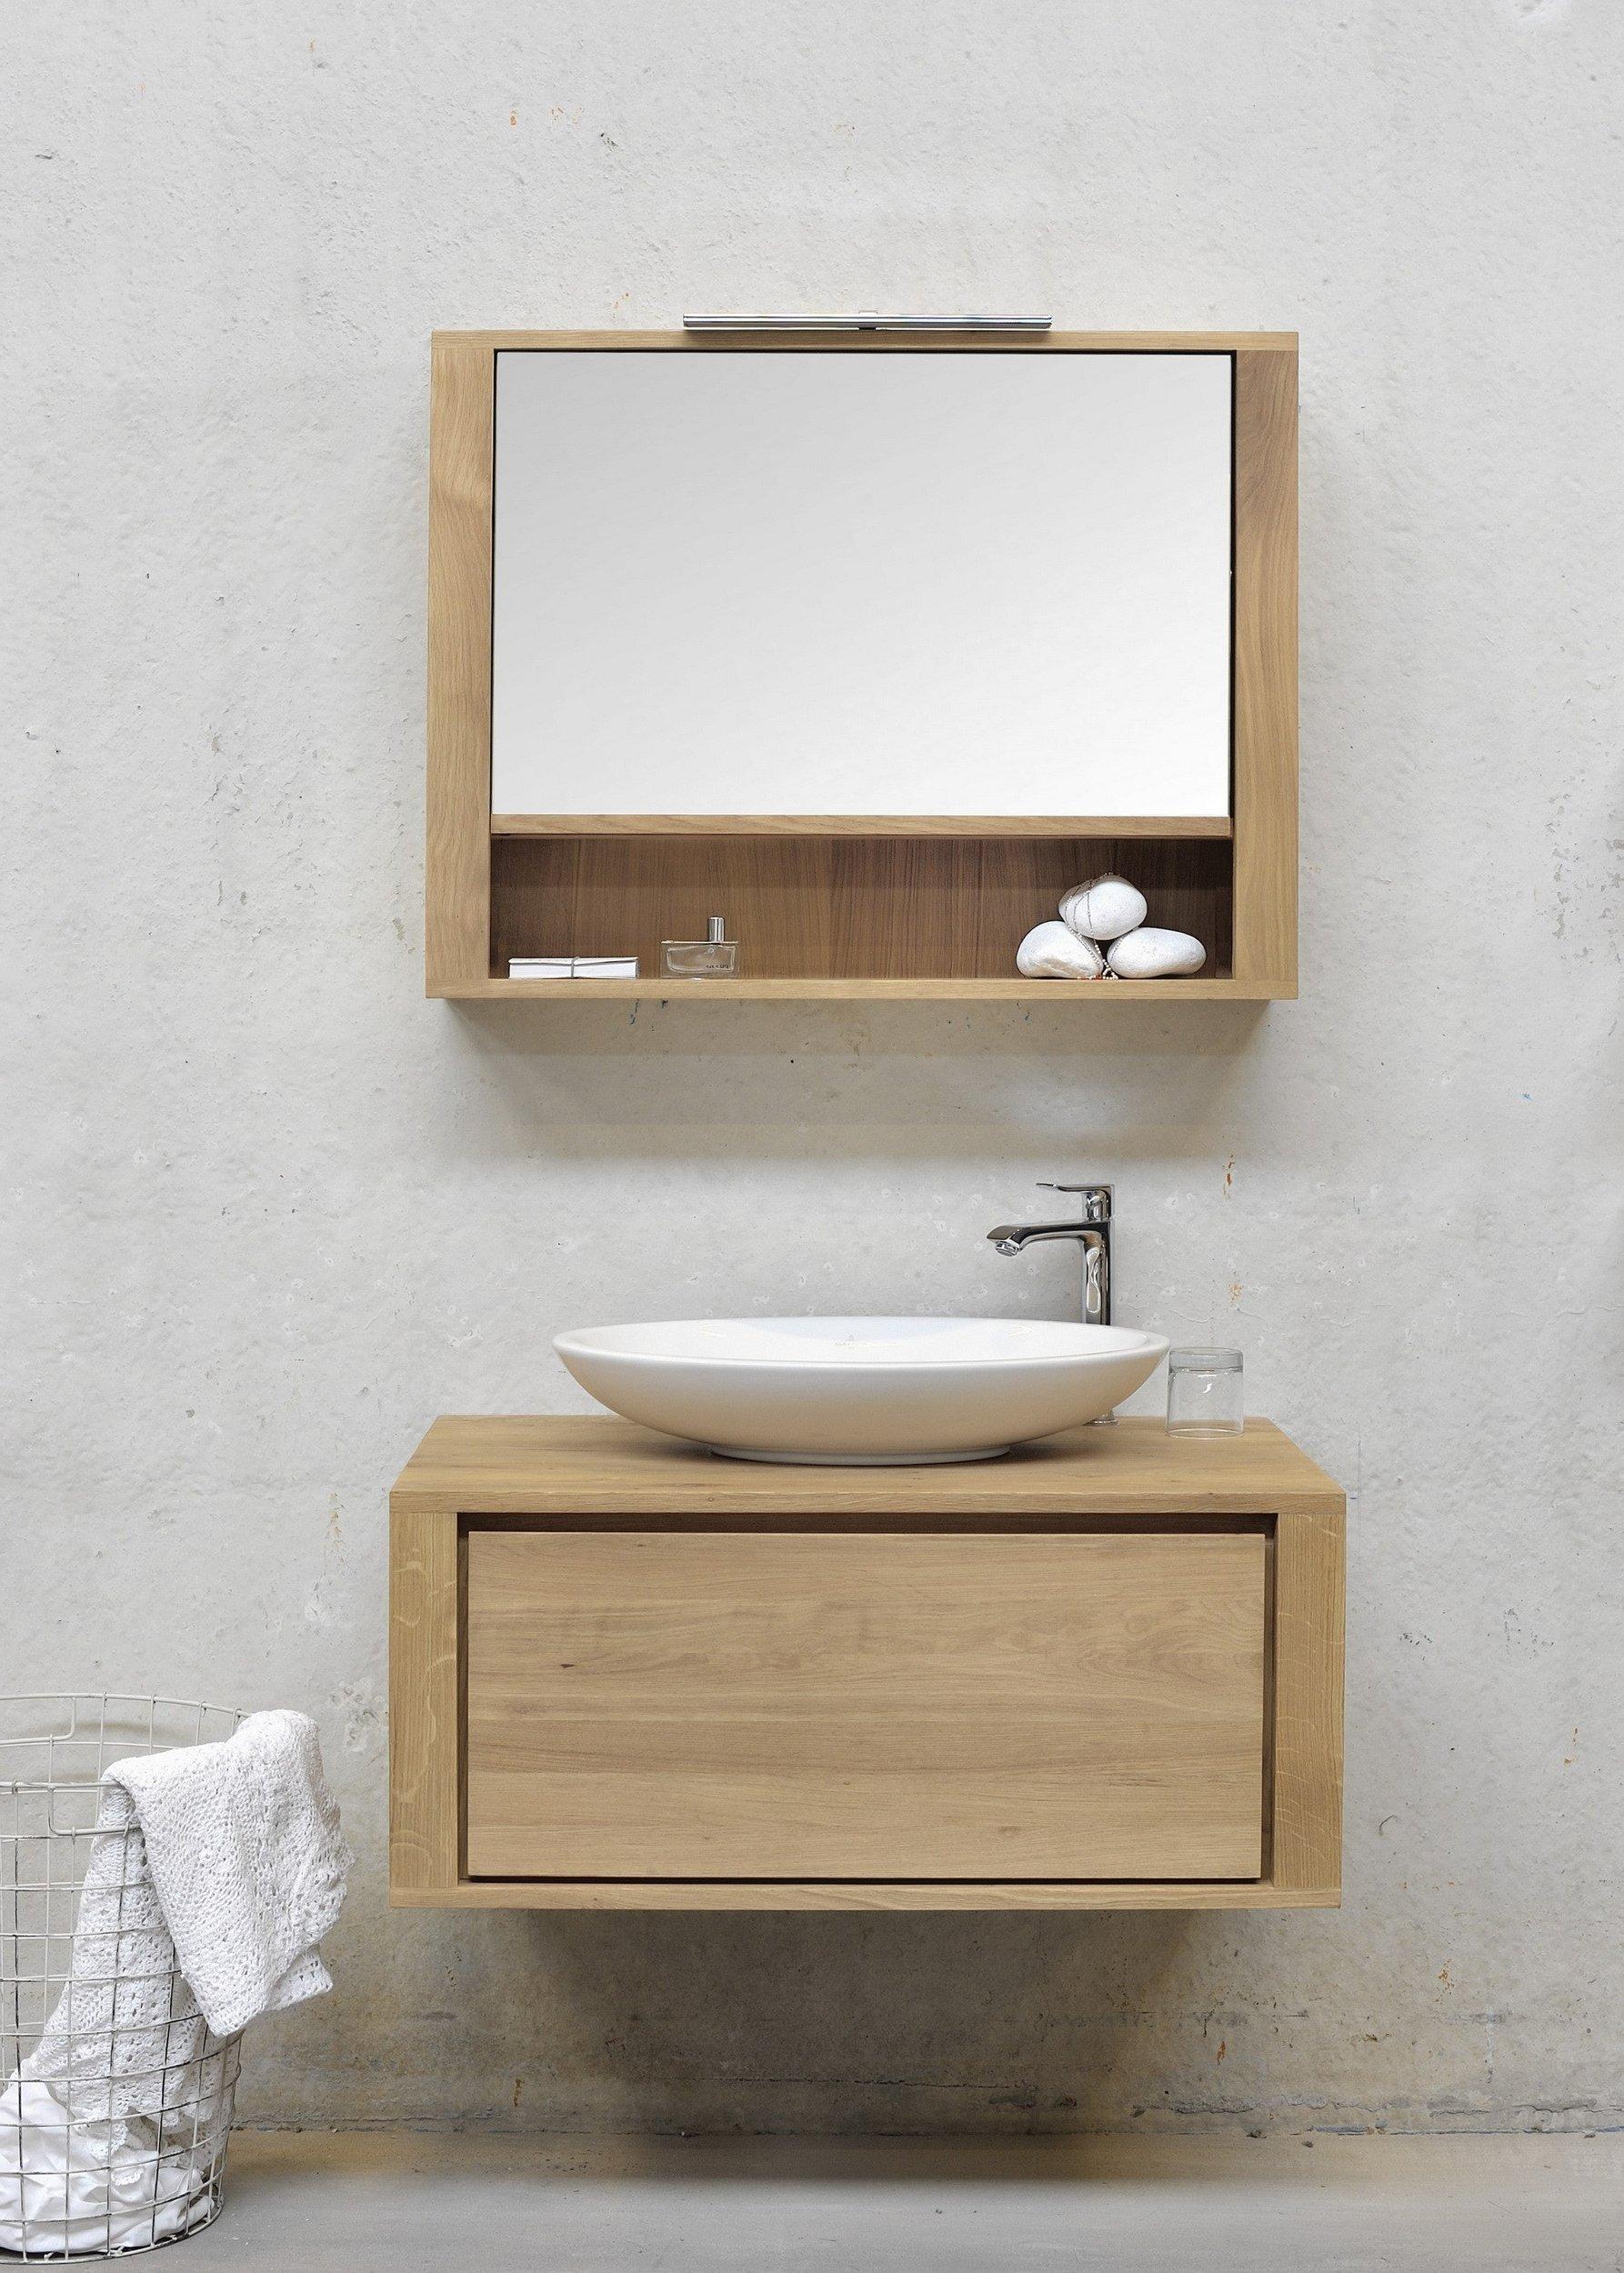 Tipp 6: Spiegel, Spiegel an der Wand, wo gibt es mehr Platz in meinem Bad